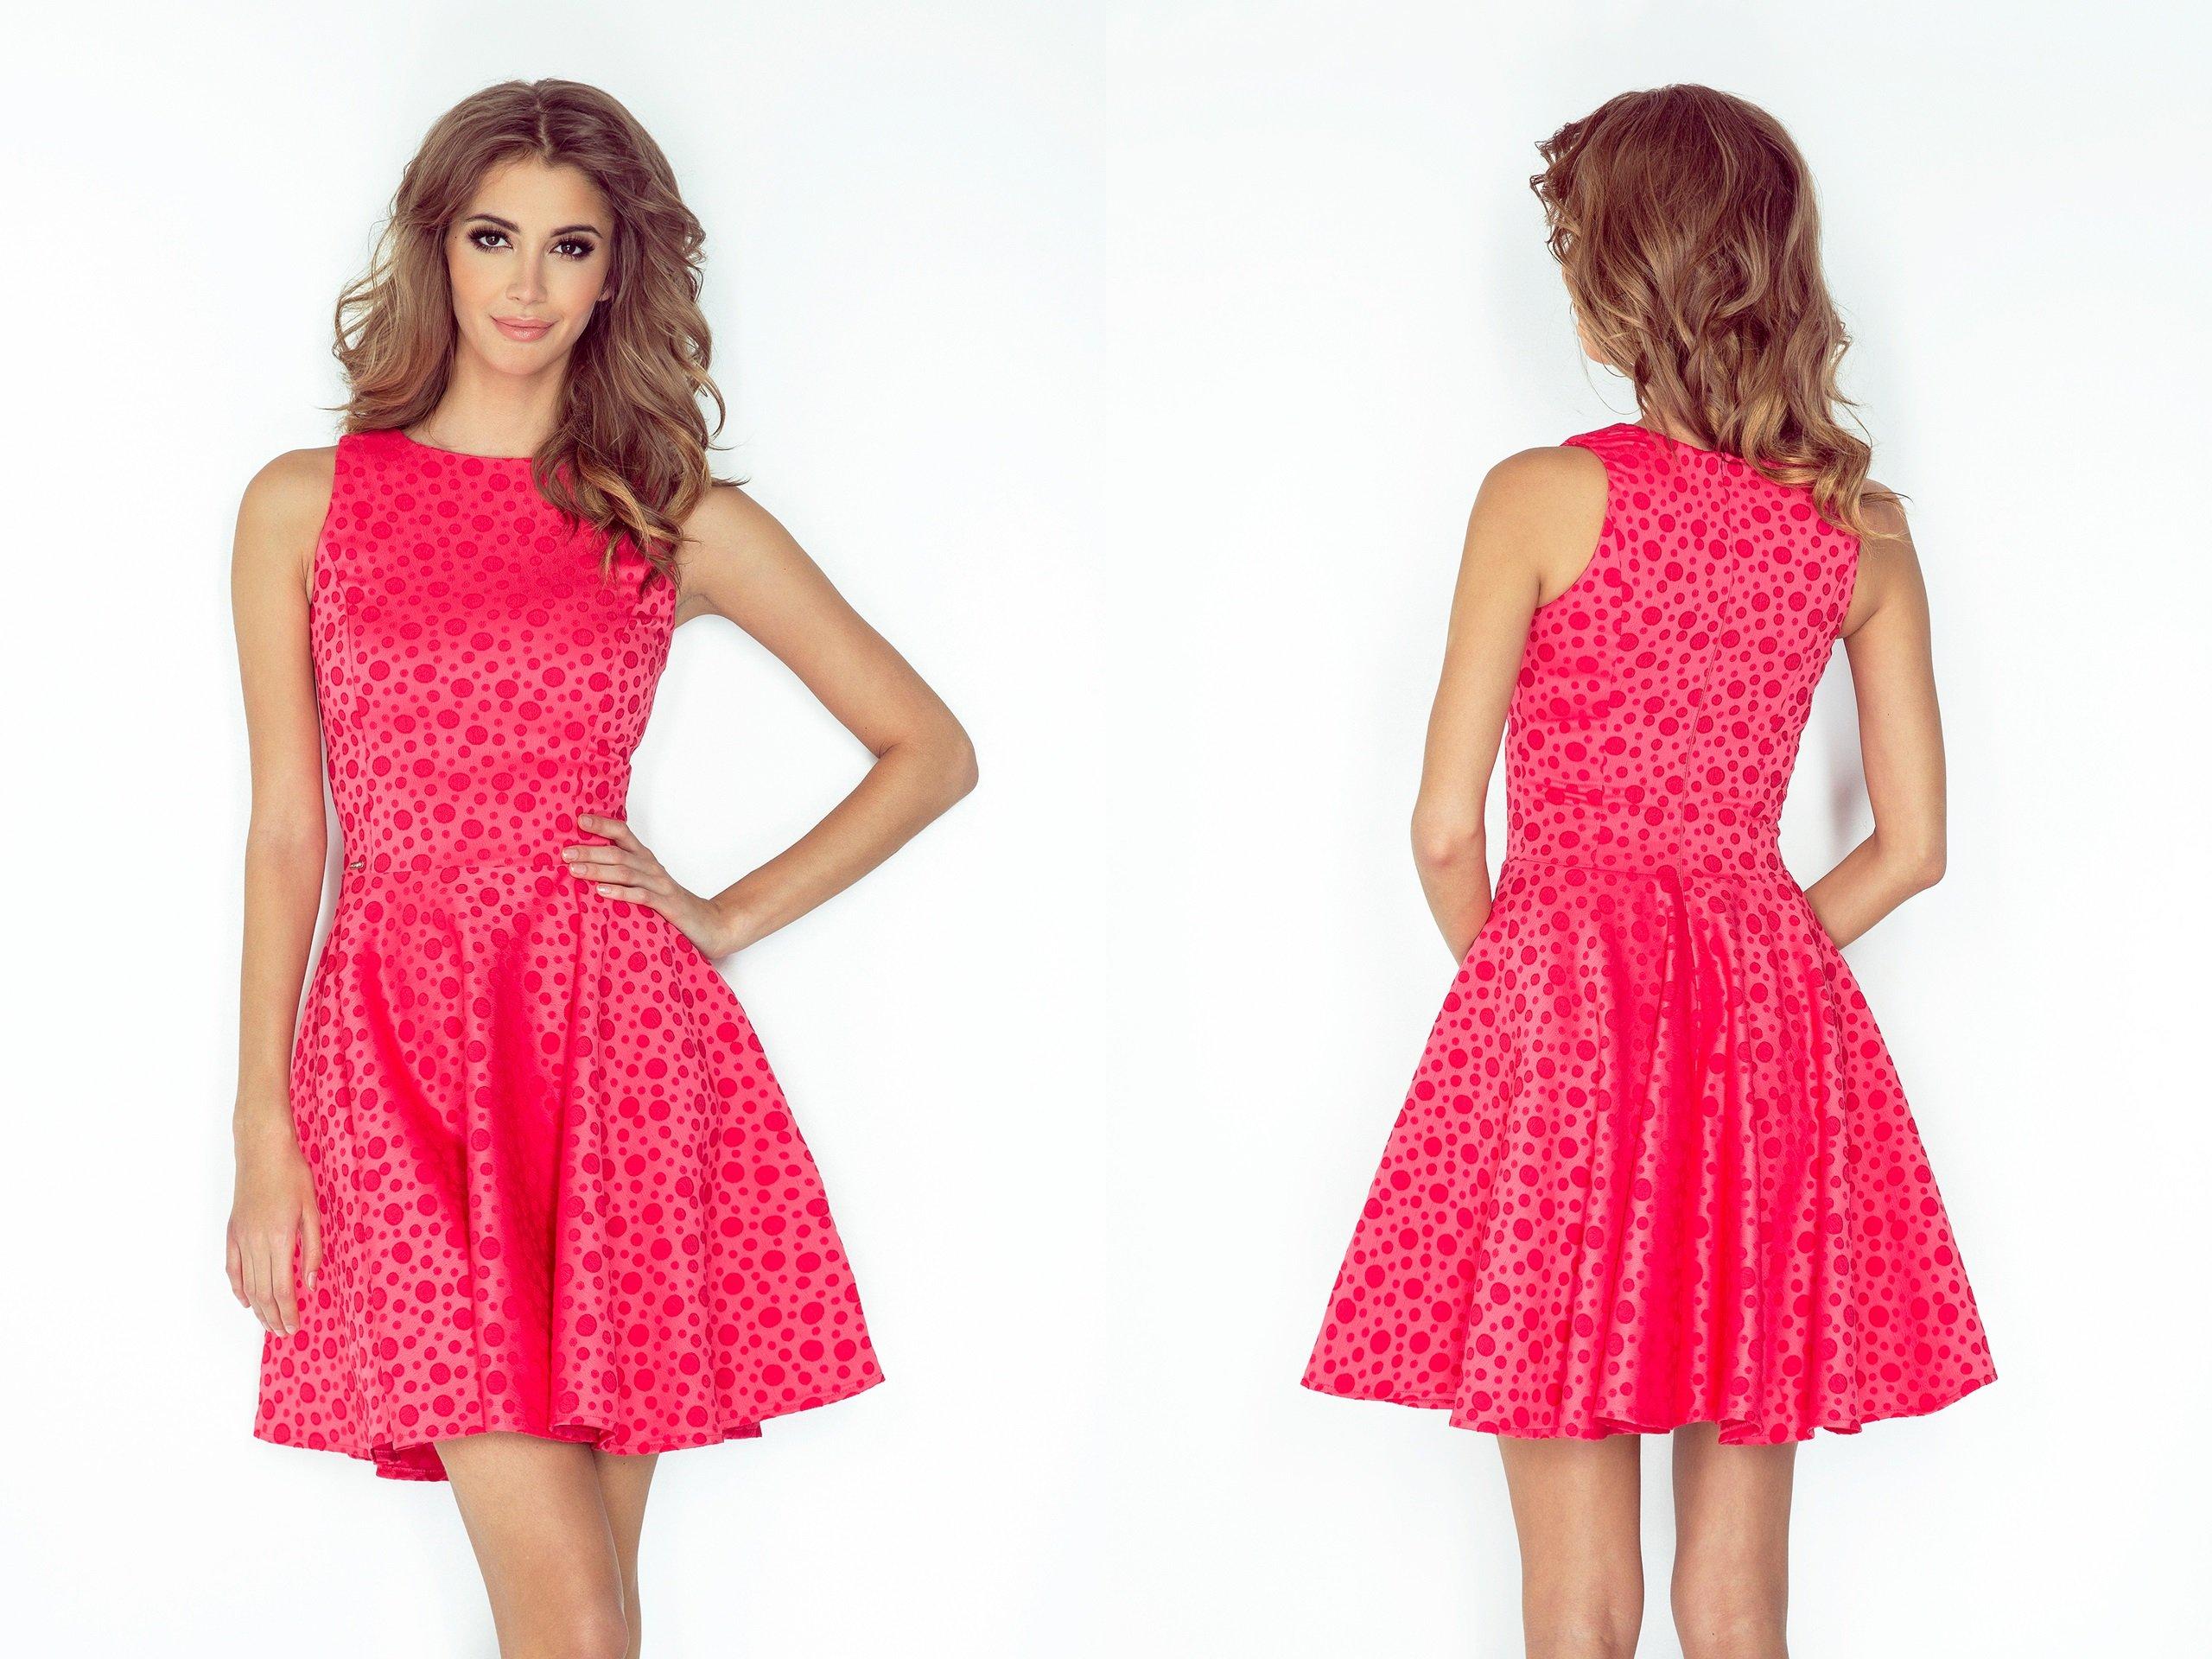 75c1de48b6f466 SEXY Sukienka NA WESELE ROZKLOSZOWANA 125-13 S 36 - 7258563080 ...